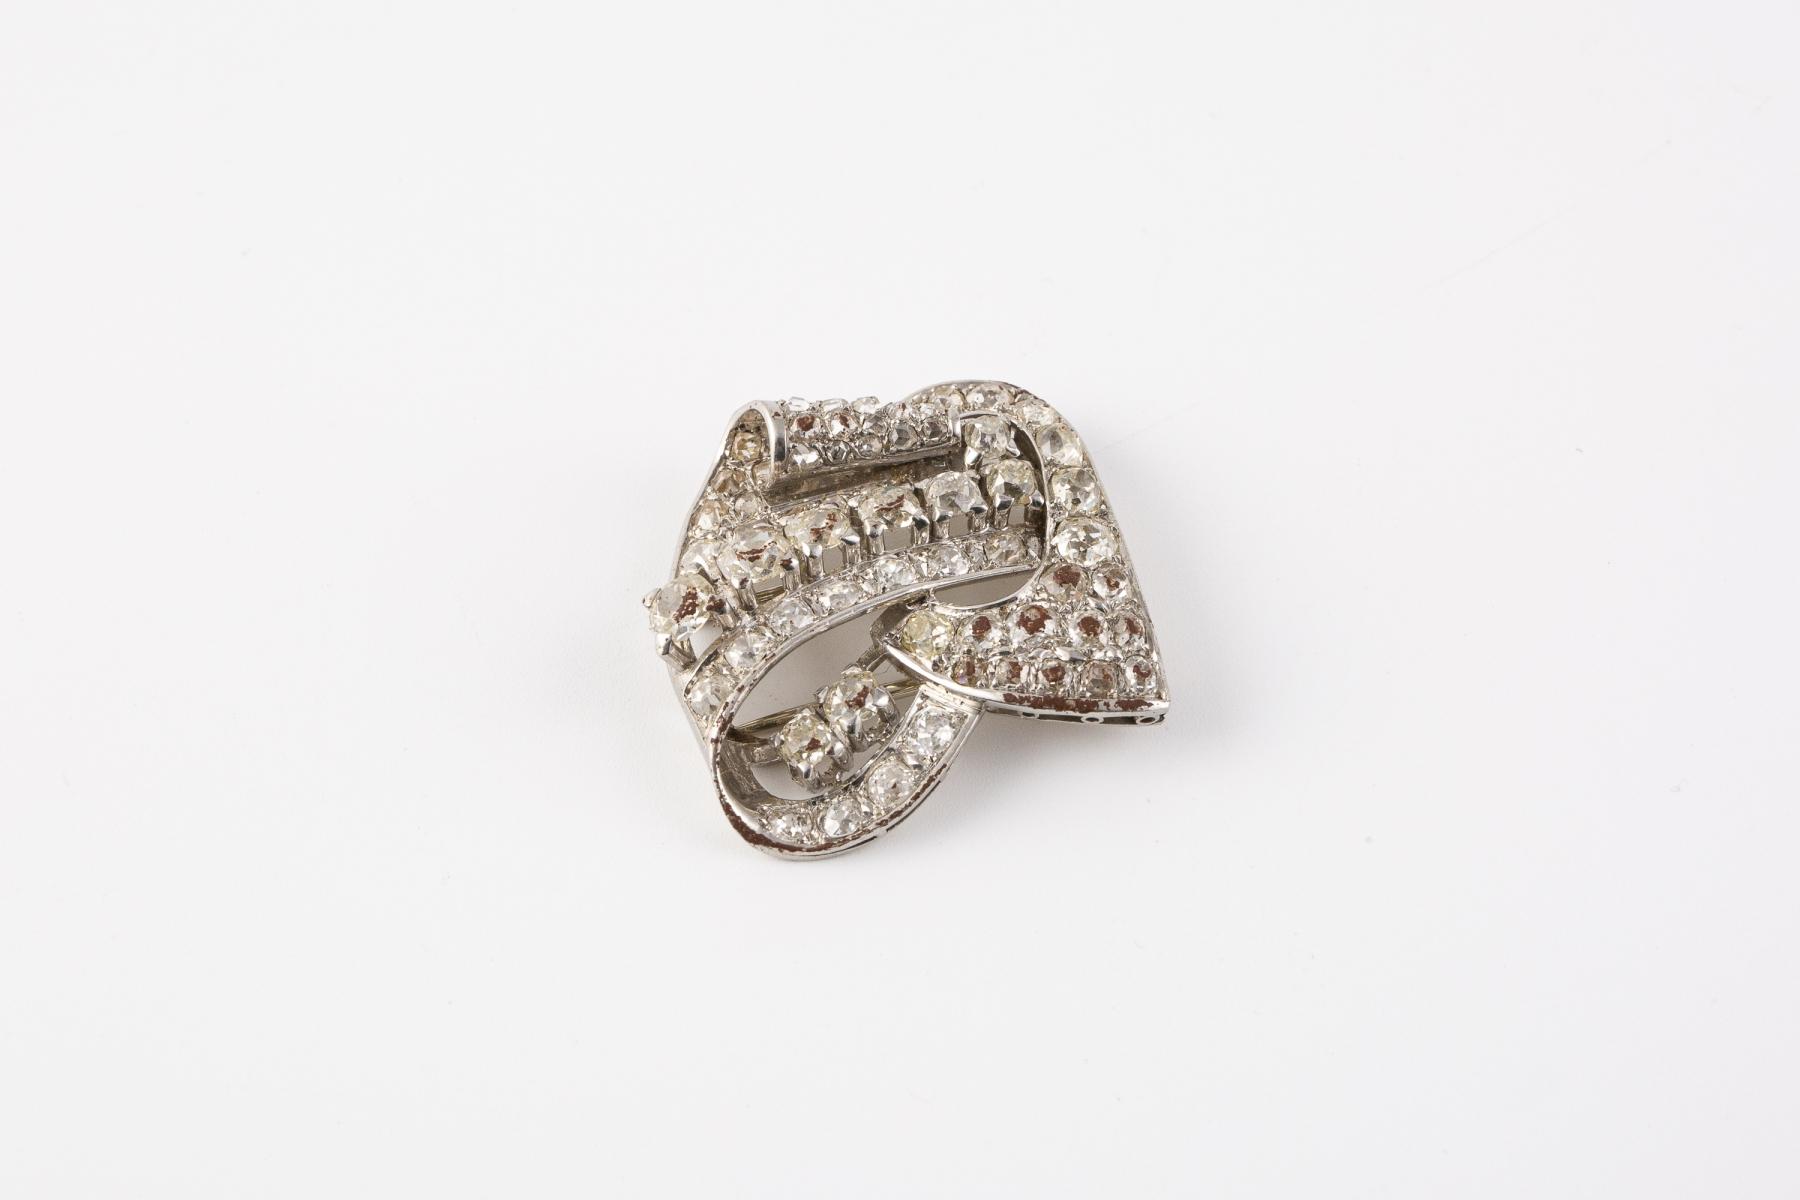 192- Broche en platine ornée de petits diamants de taille ancienne et taille rose.